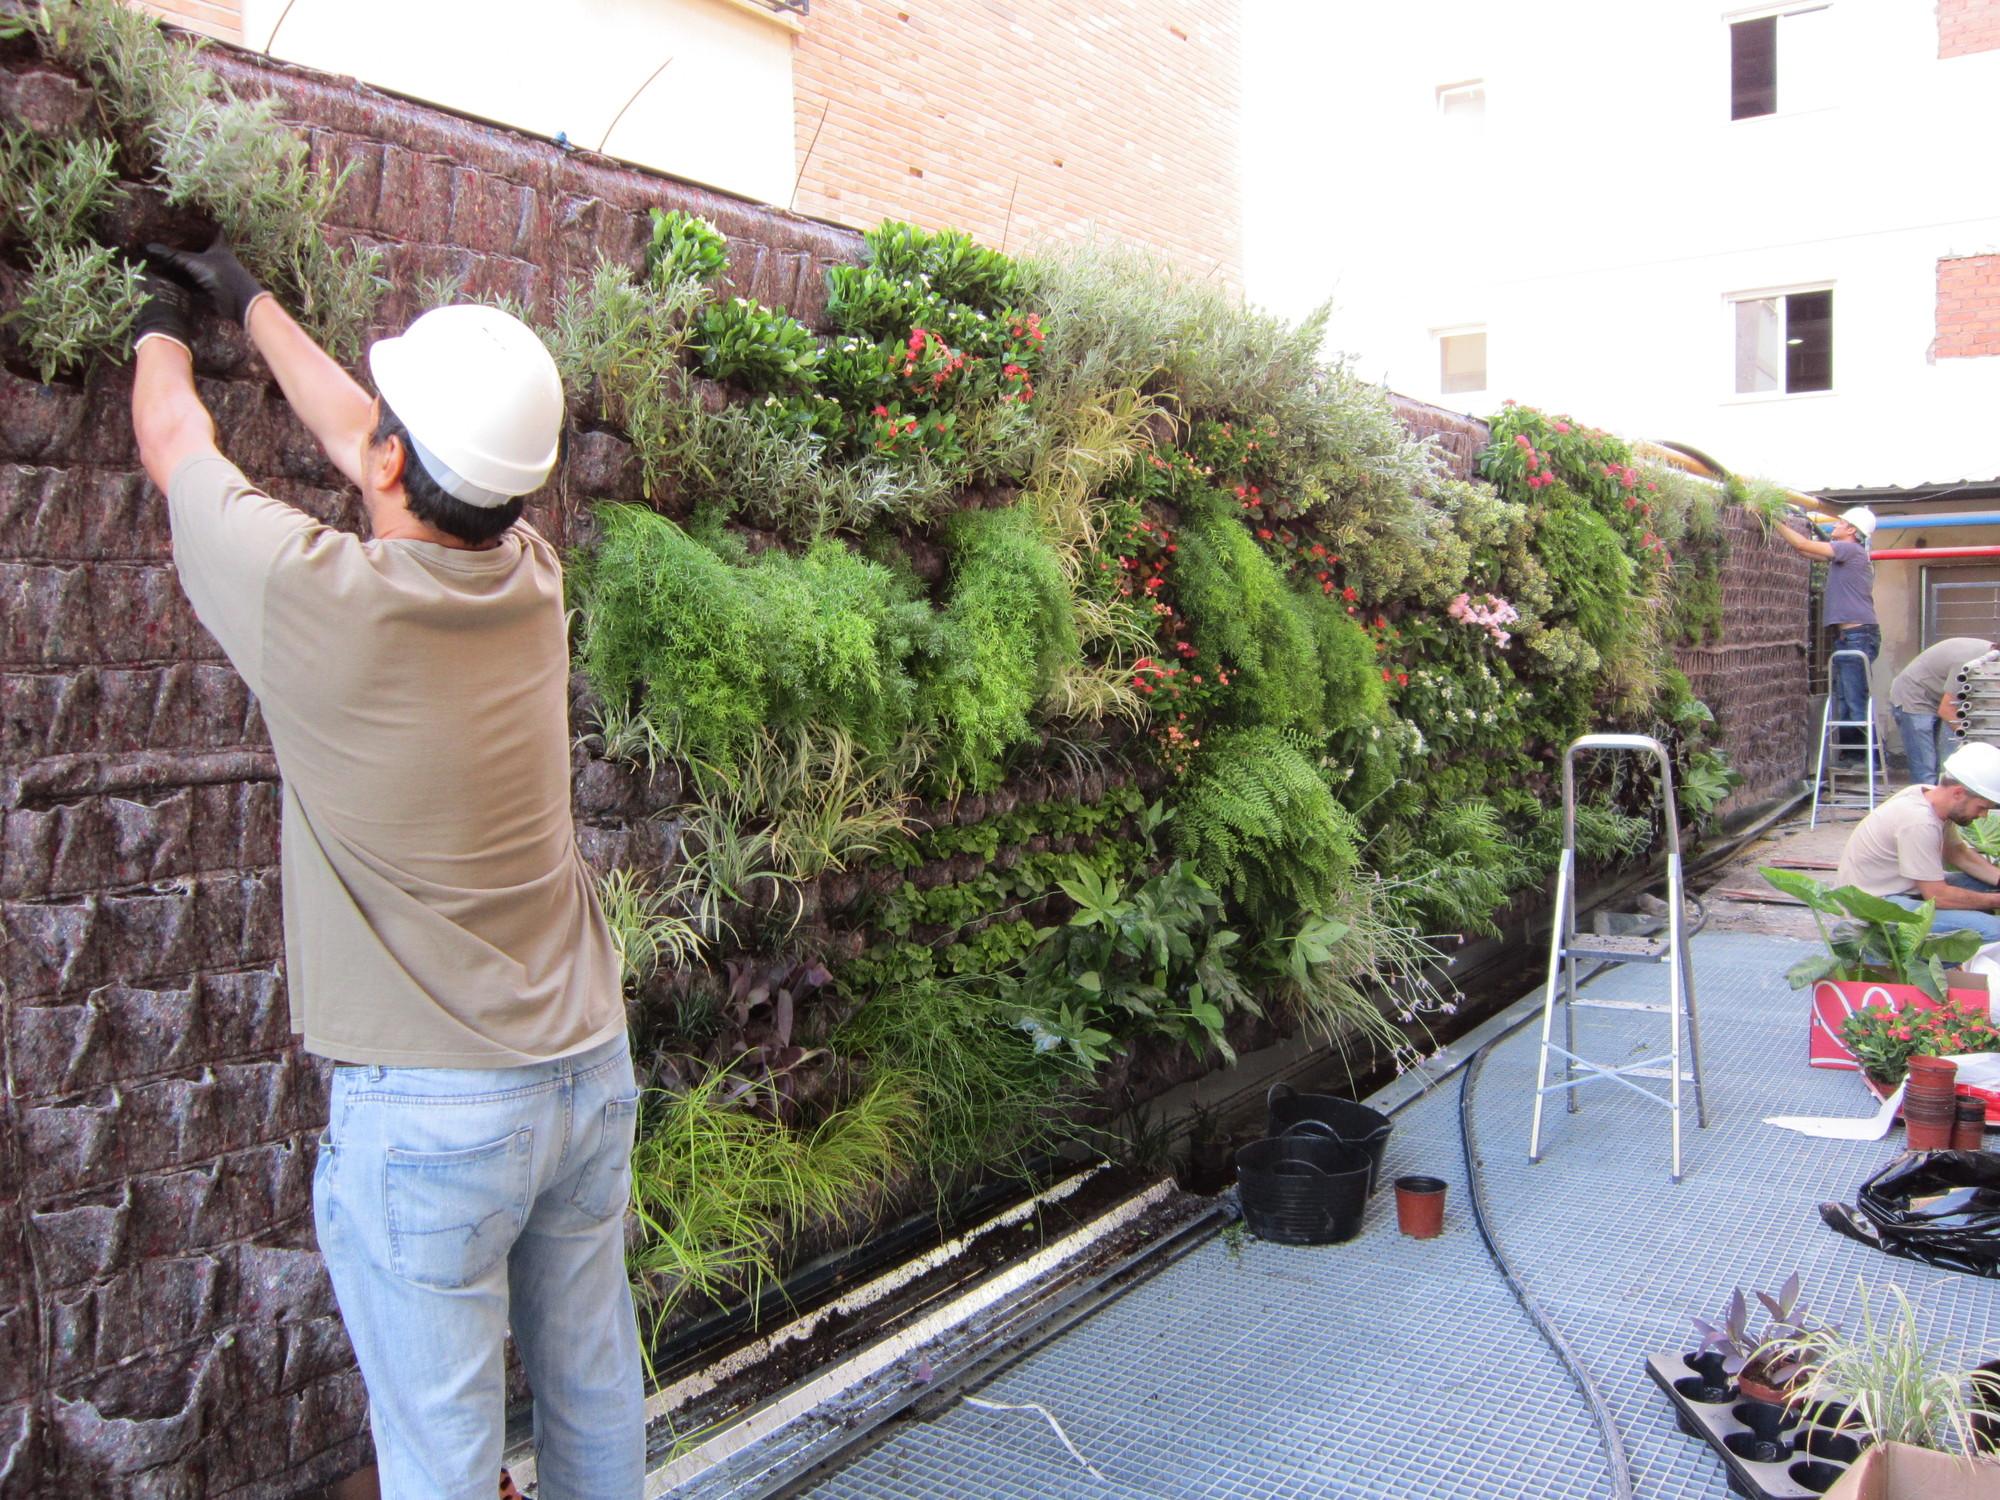 Galeria de em detalhe jardim vertical na cl nica usp for Imagenes de jardines verticales pequenos